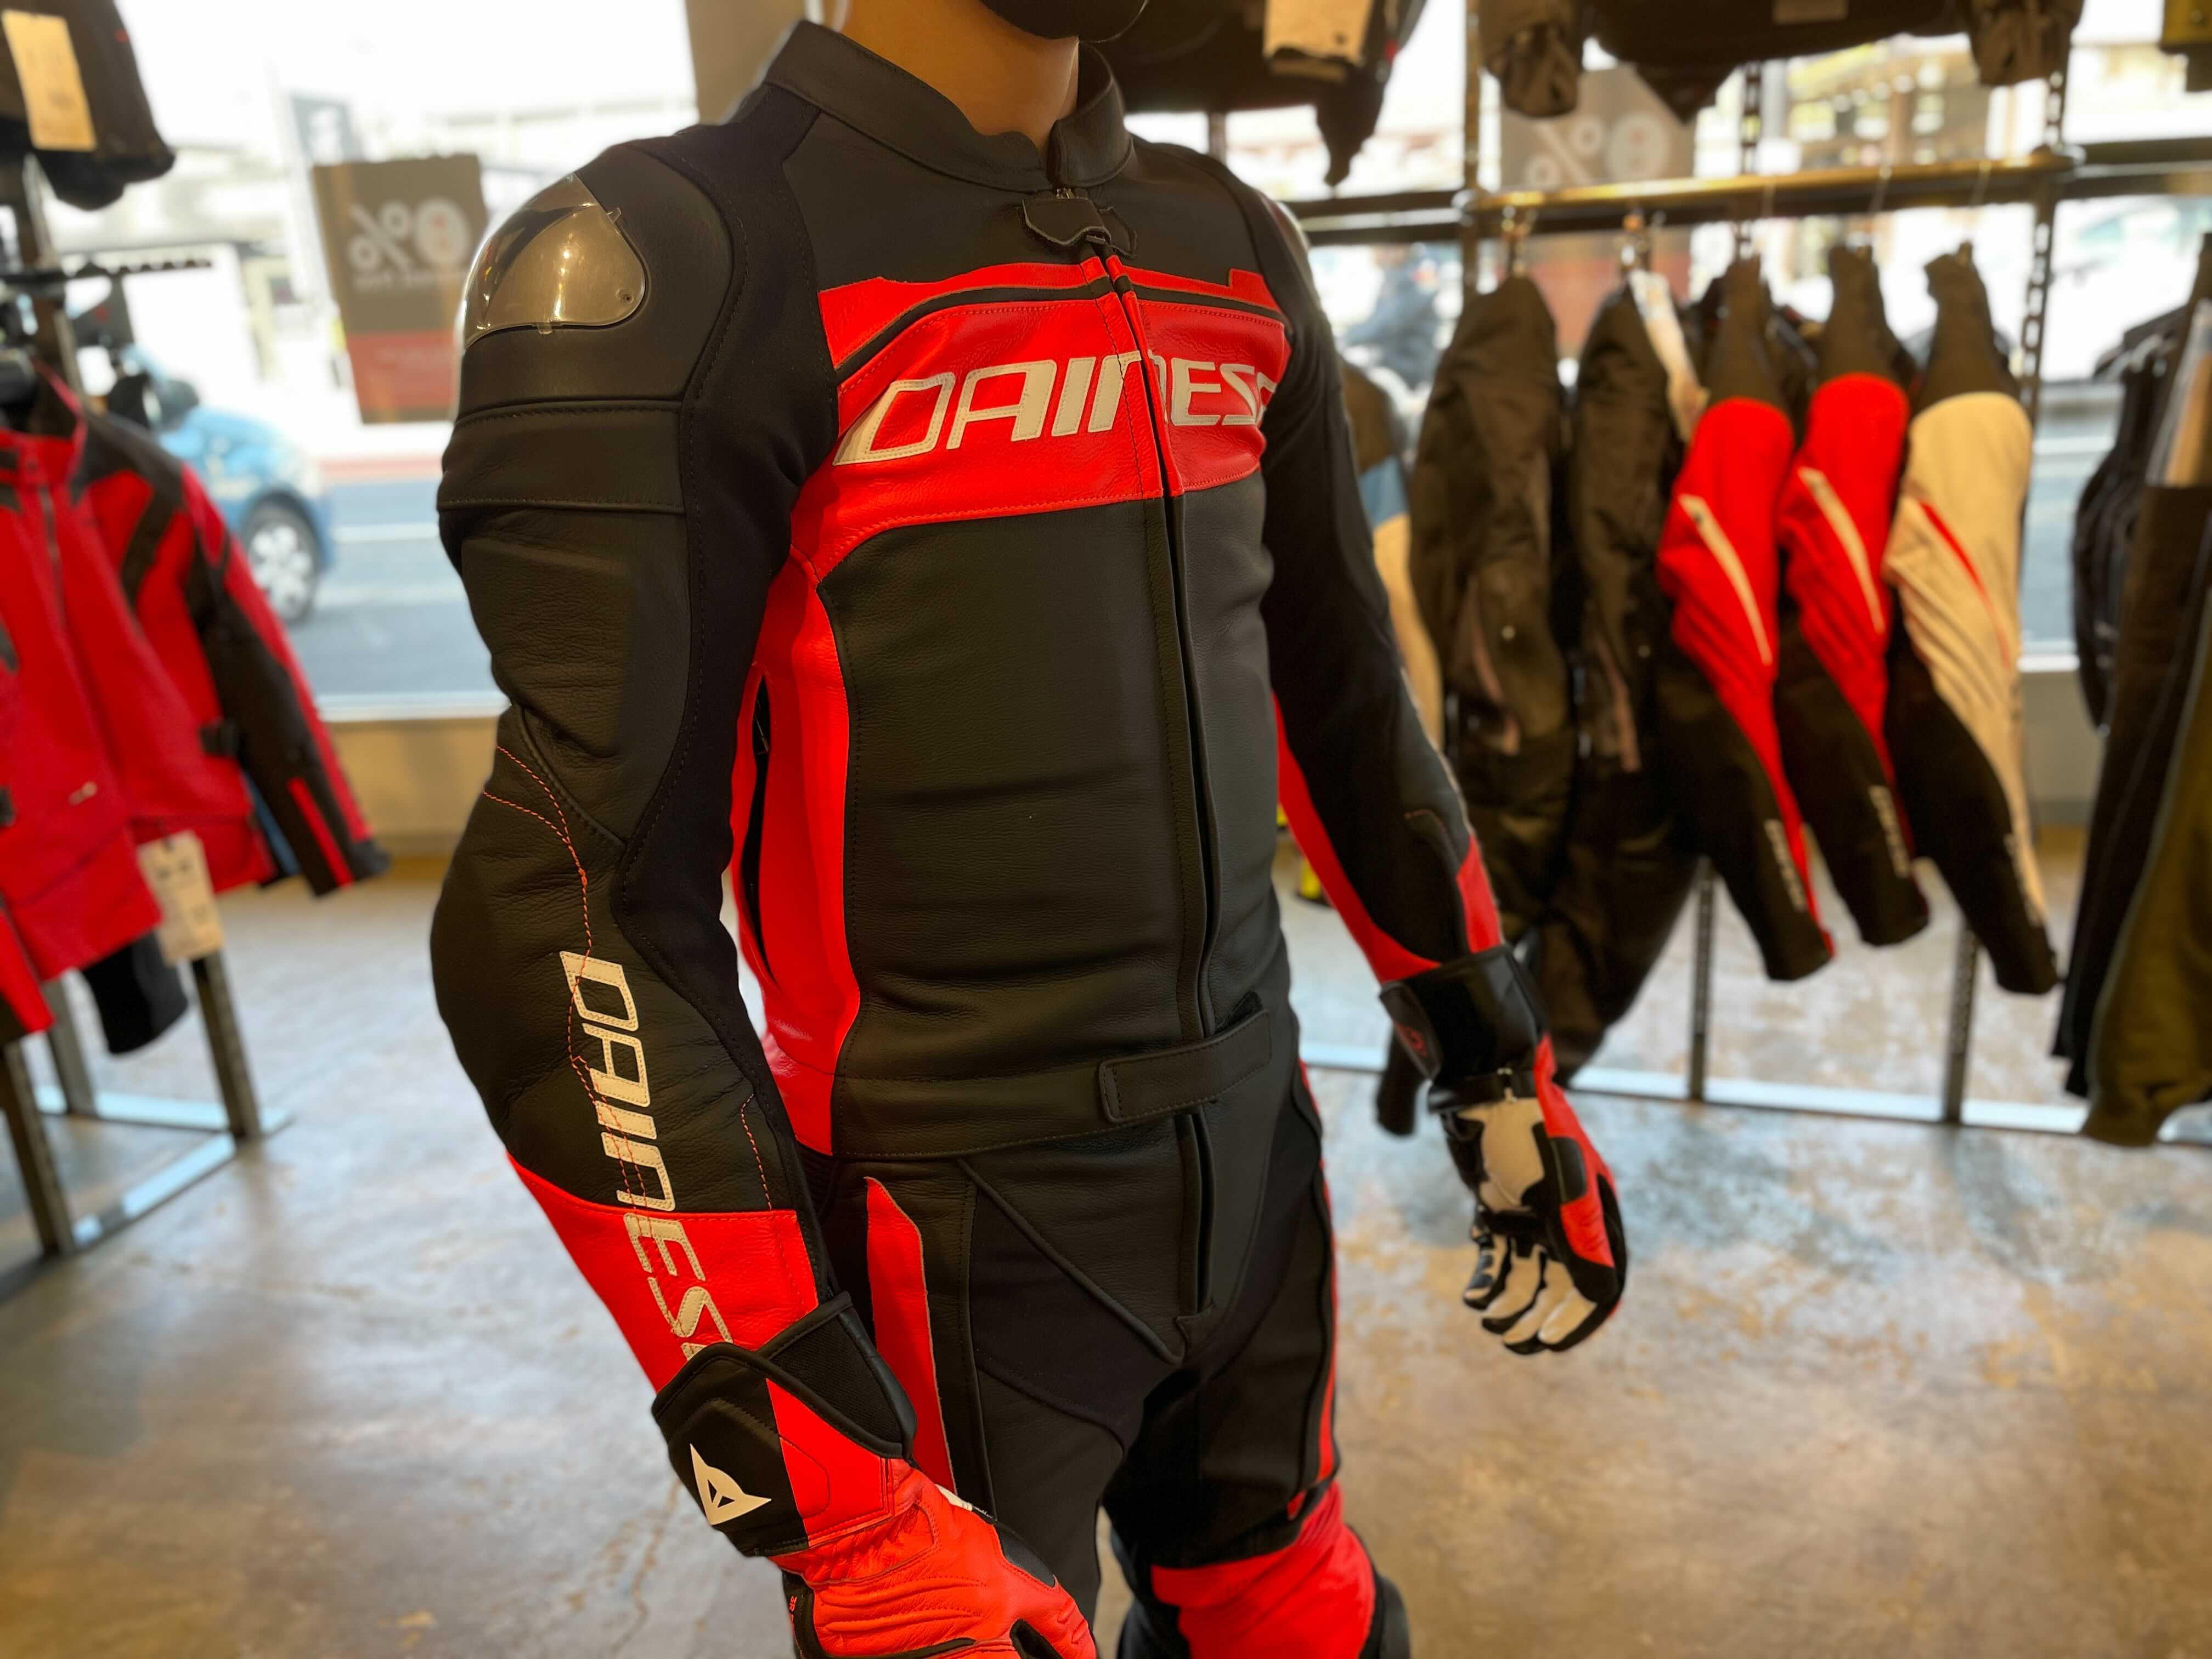 【MISTEL 2PC SUIT】 新作2ピーススーツで合わせるスポーツスタイル